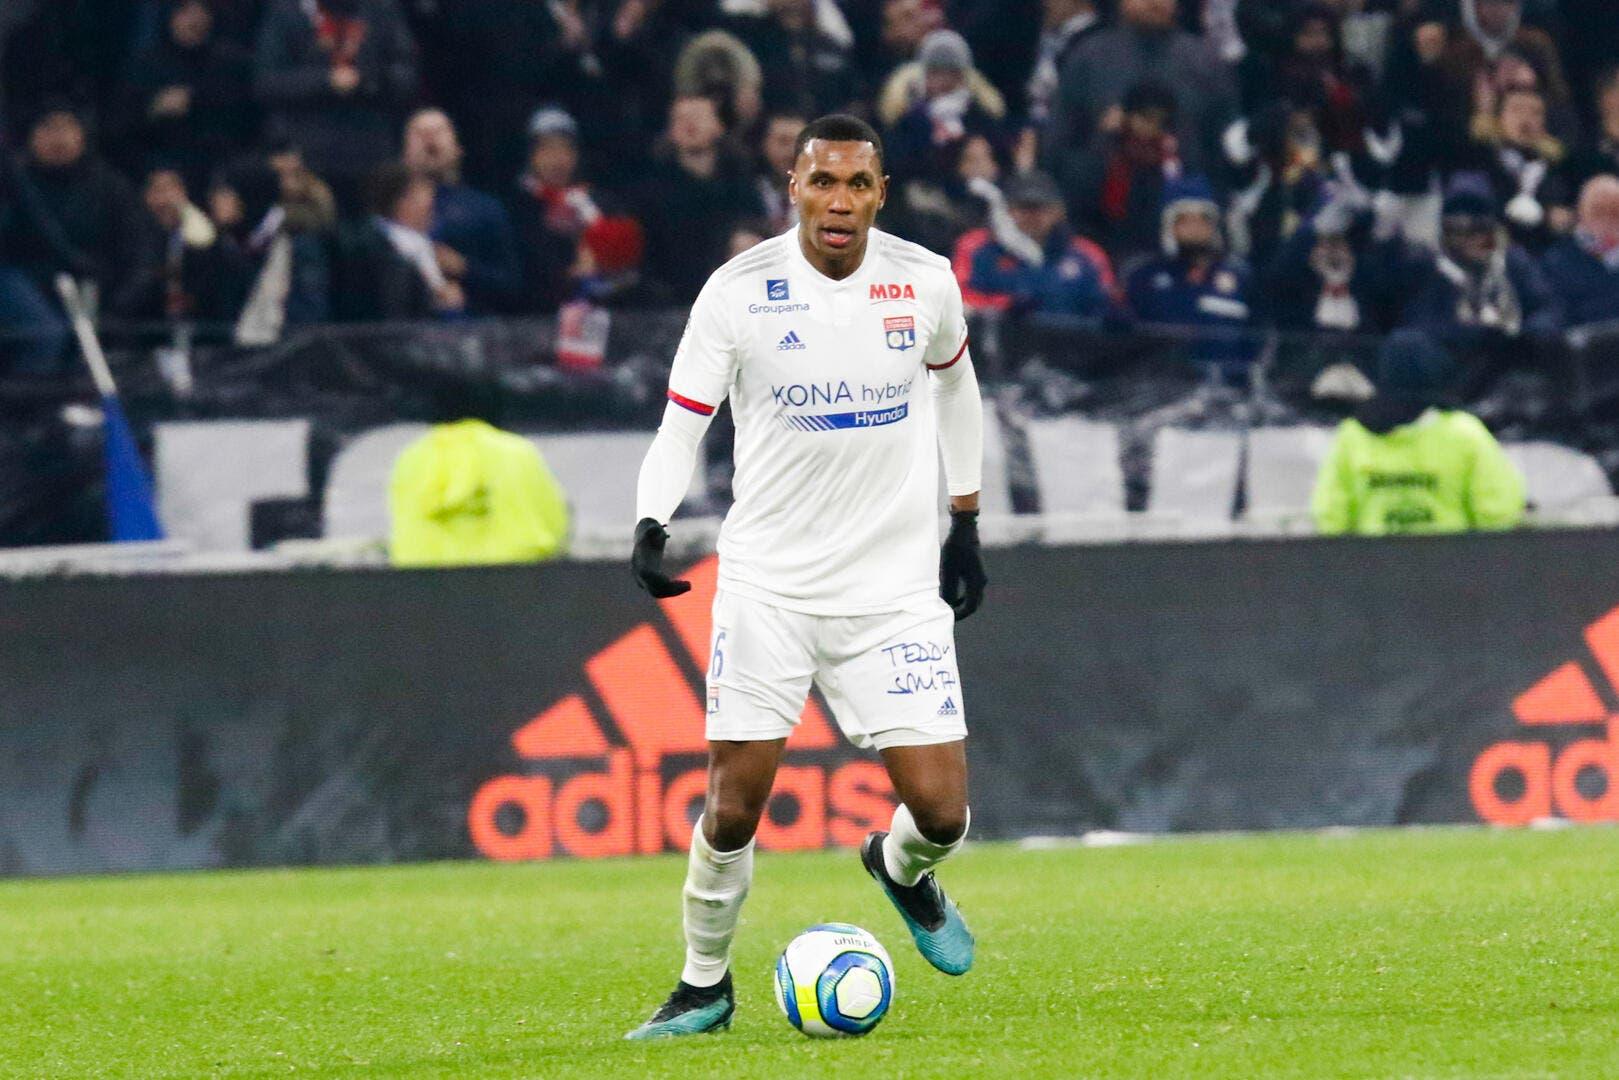 Lyon : Le clash avec Marcelo reprend, les joueurs se vengent